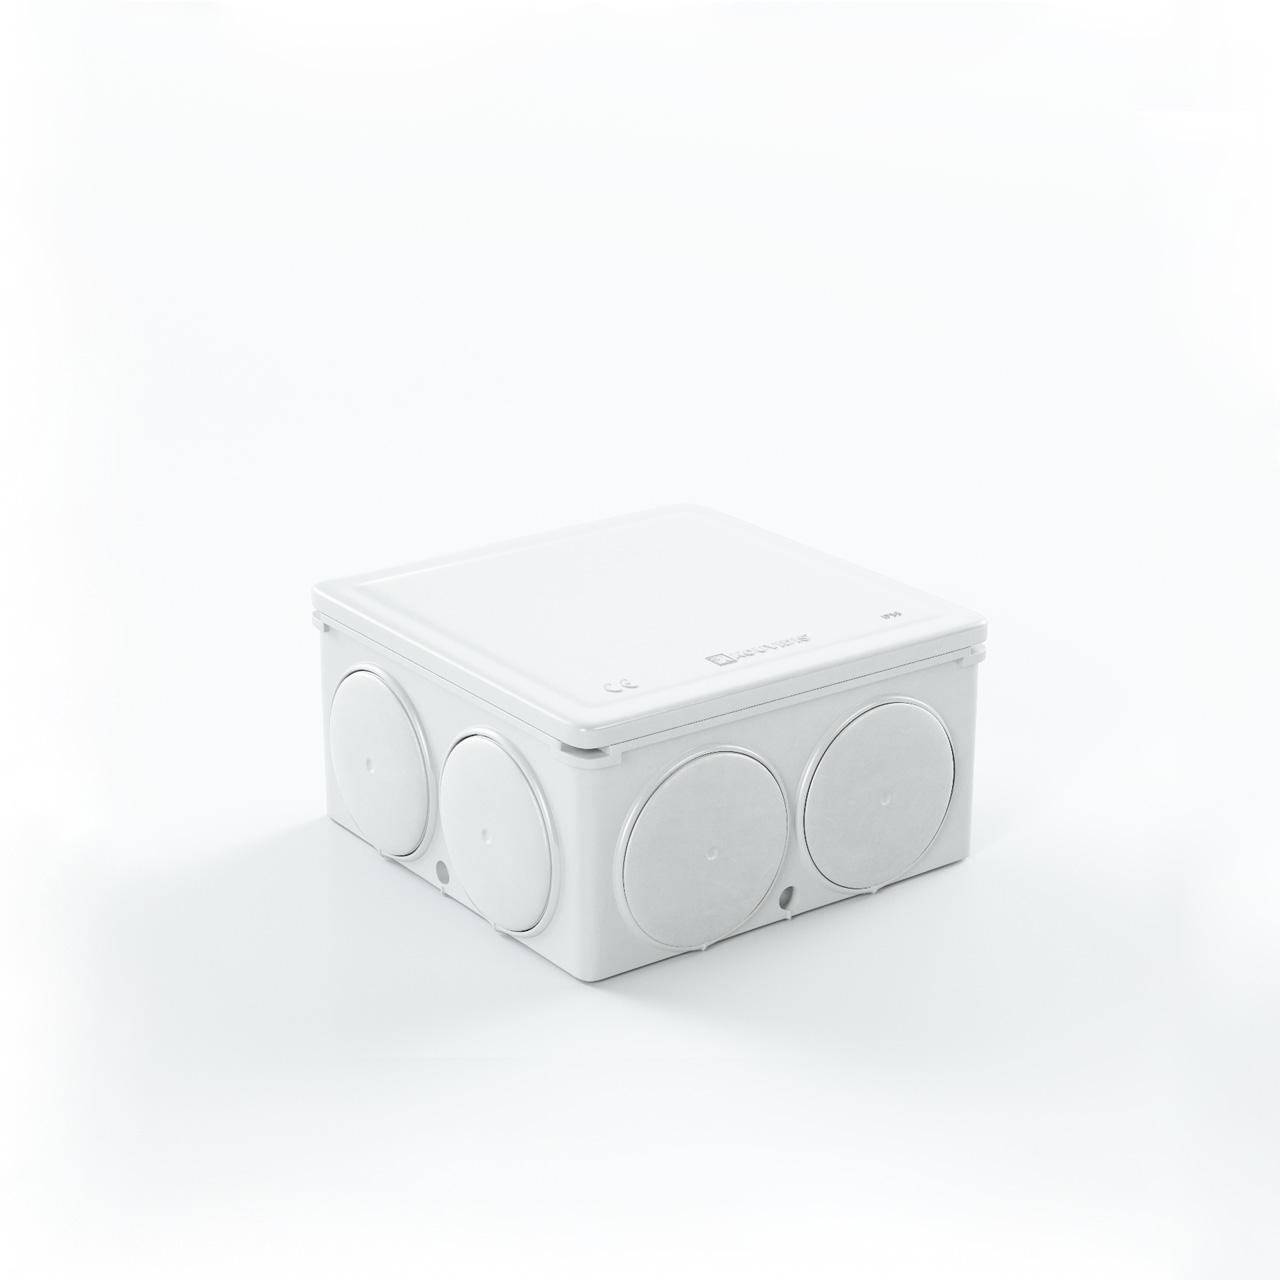 Στεγανό Τετράγωνο Κουτί Διακ/Σεως Medisol Αμ Φ25/32